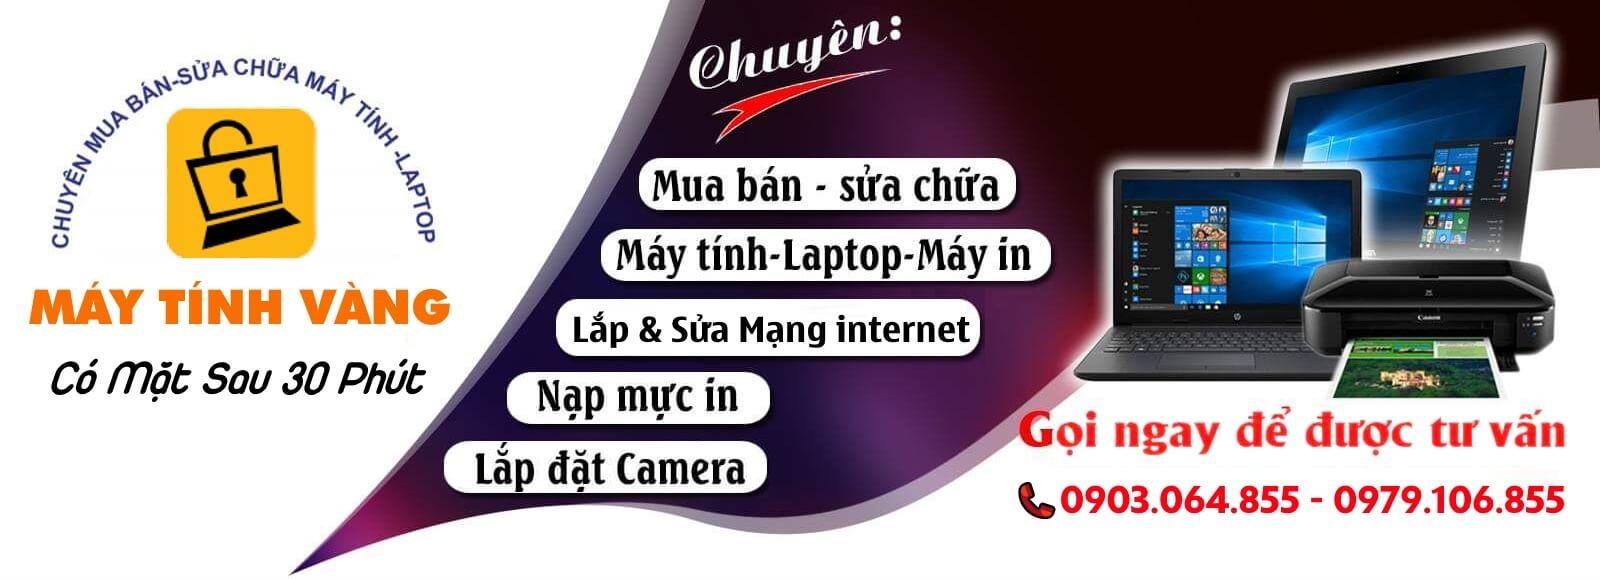 Máy Tính Vàng – Chuyên sửa laptop Bình Tân hàng đầu hiện nay.